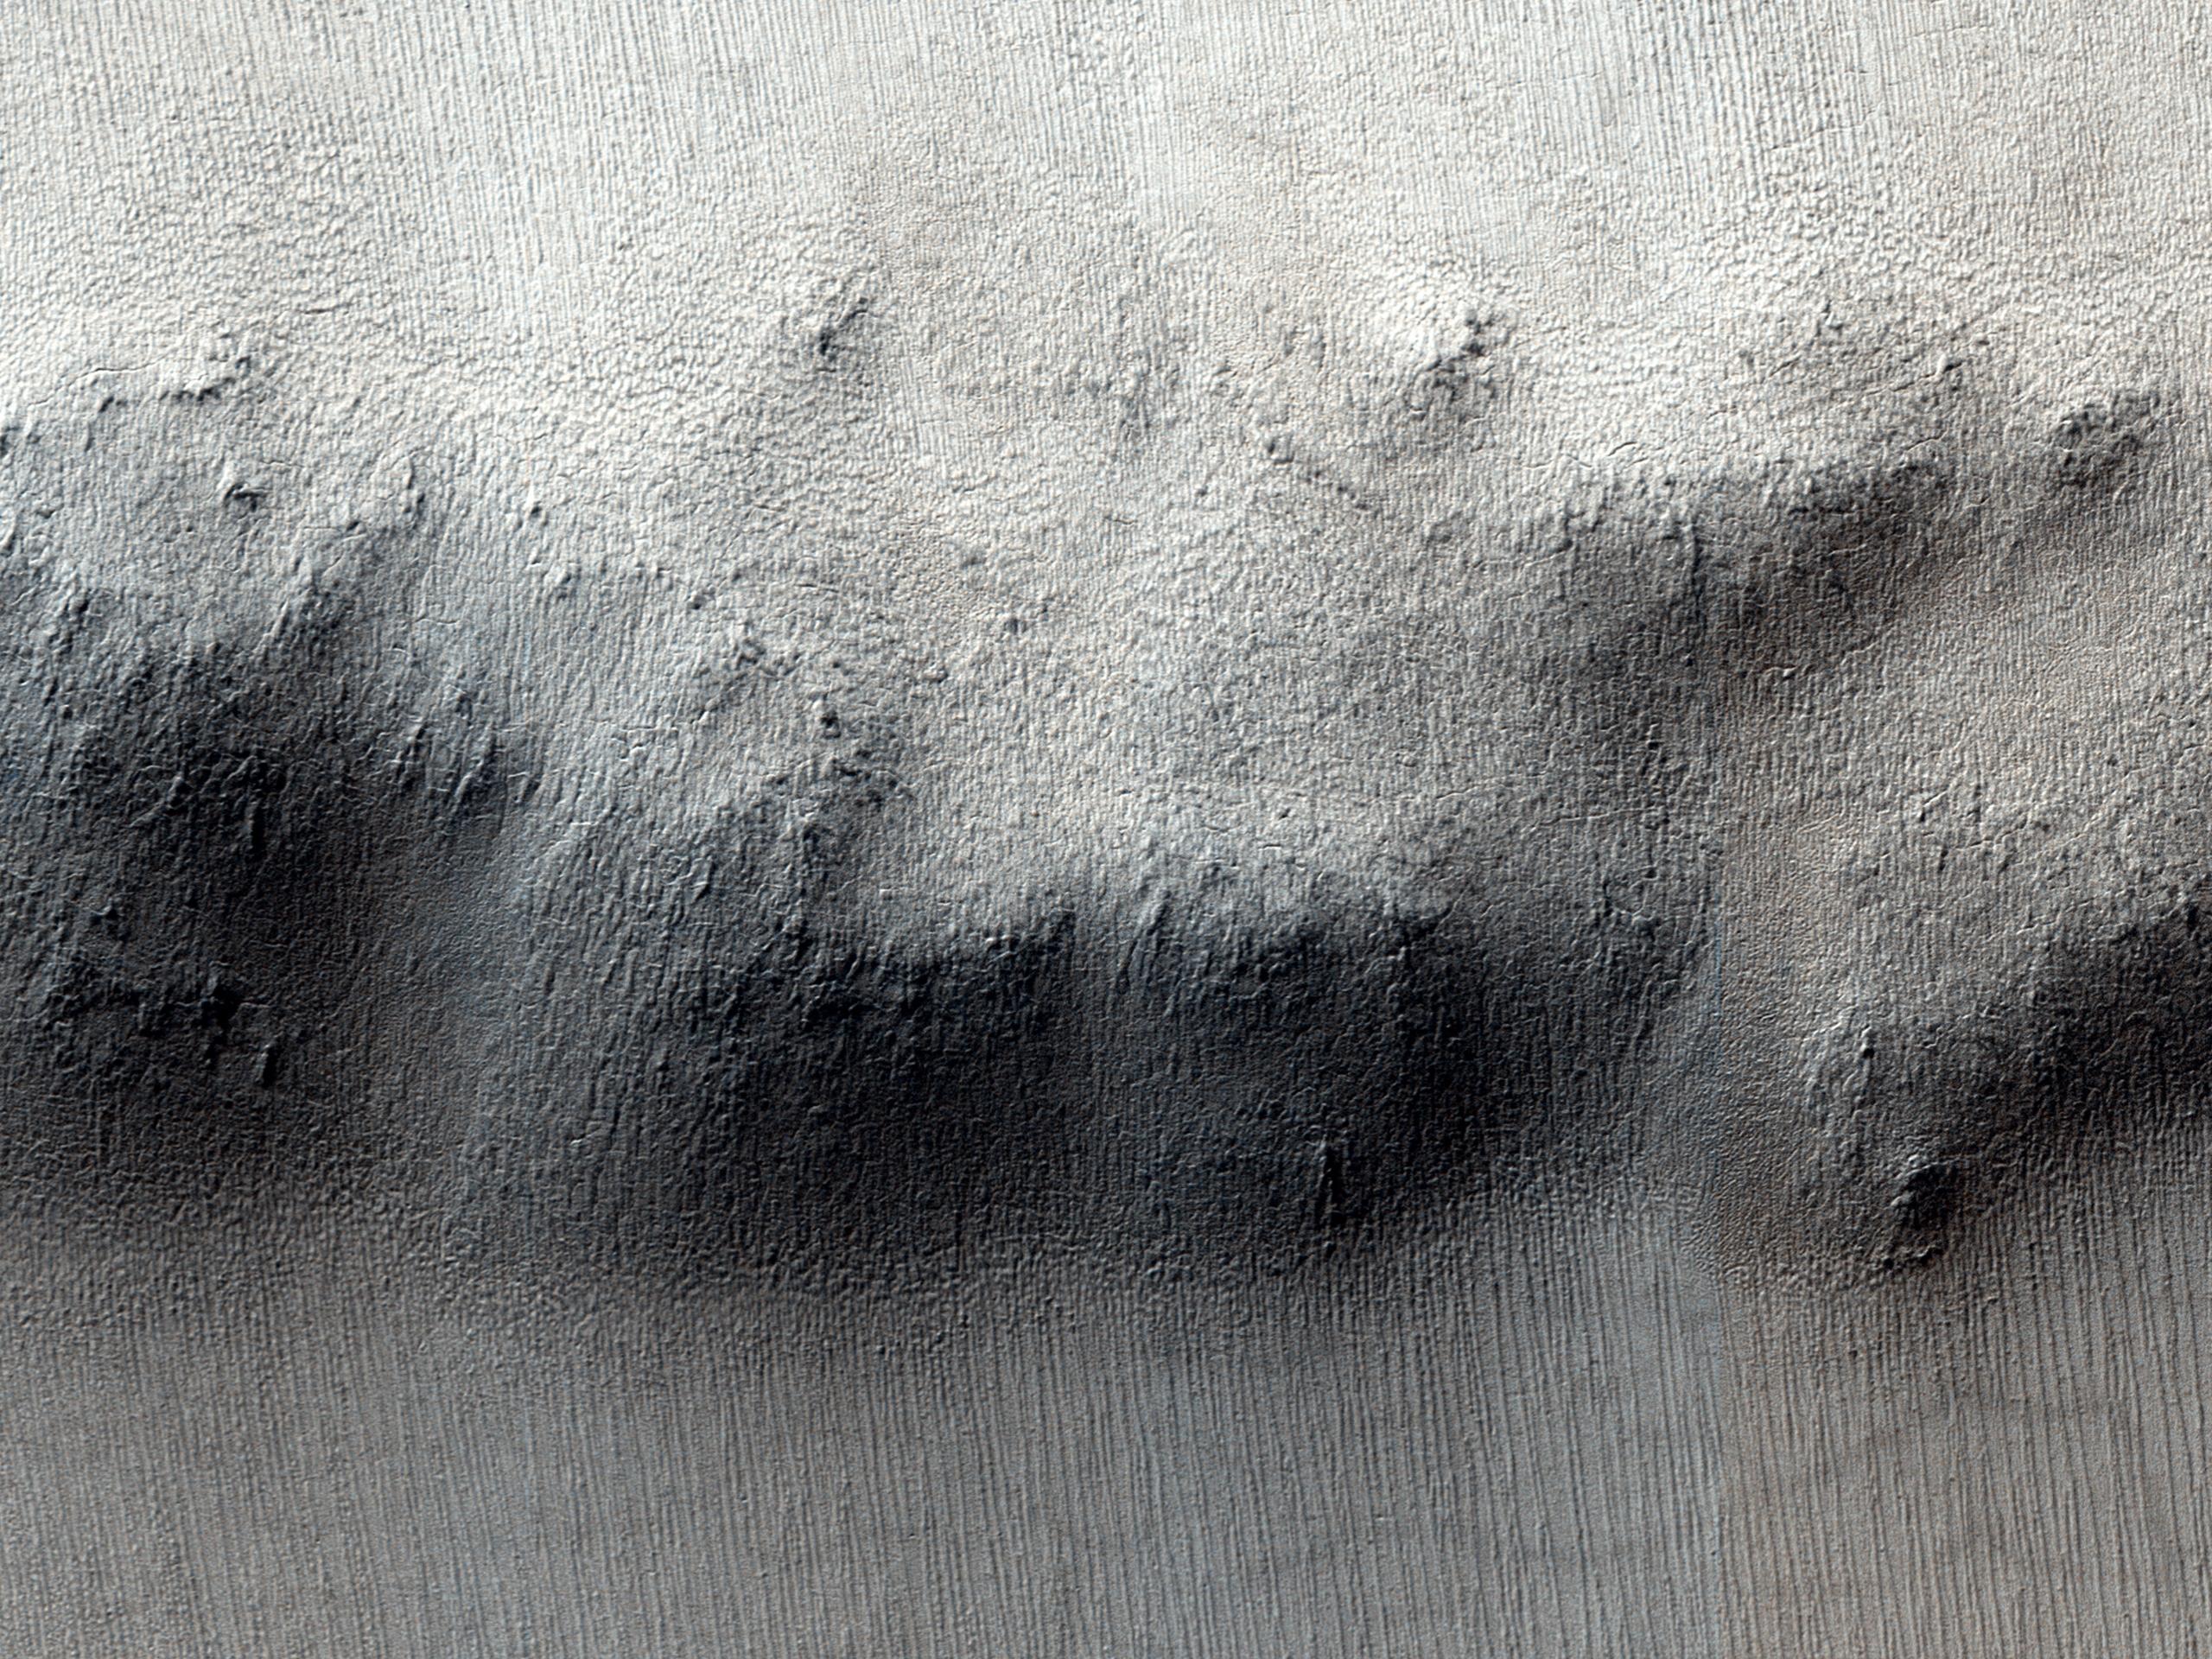 Hæð í setlagabunkanum við suðurpól Mars